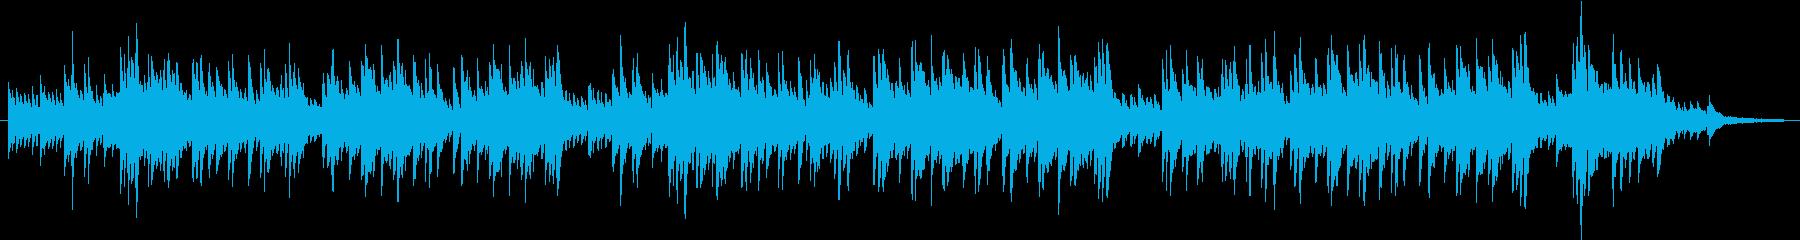 ピアノによる穏やかで切ないバラードの再生済みの波形